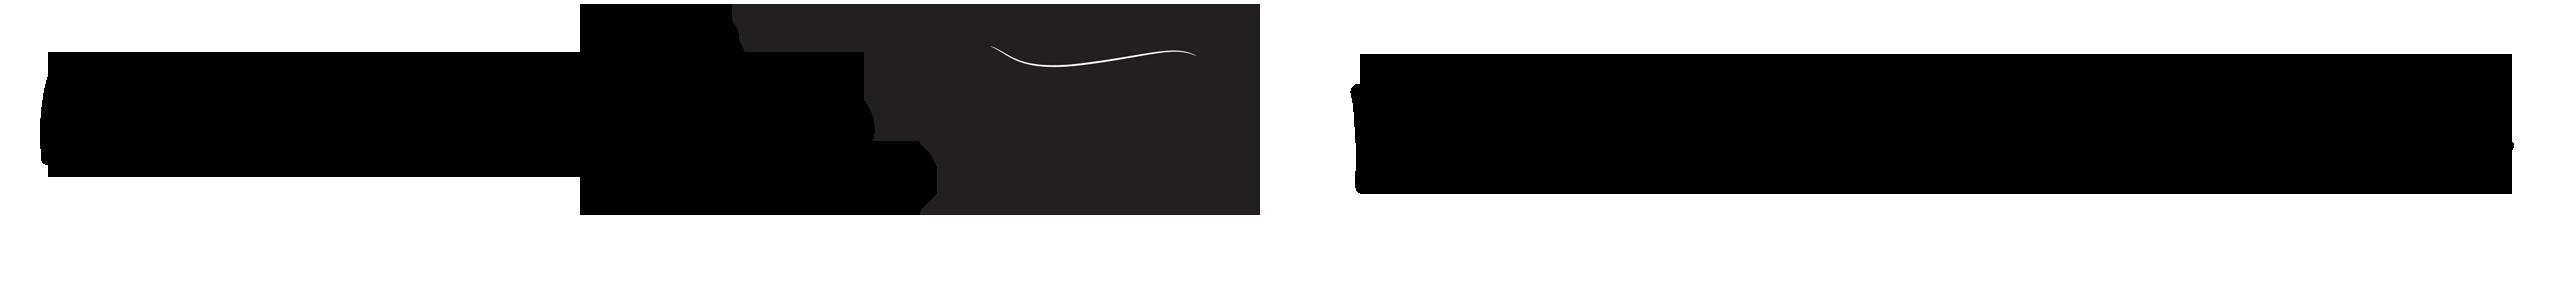 Warsztaty kroju i szycia na maszynie dla dzieci